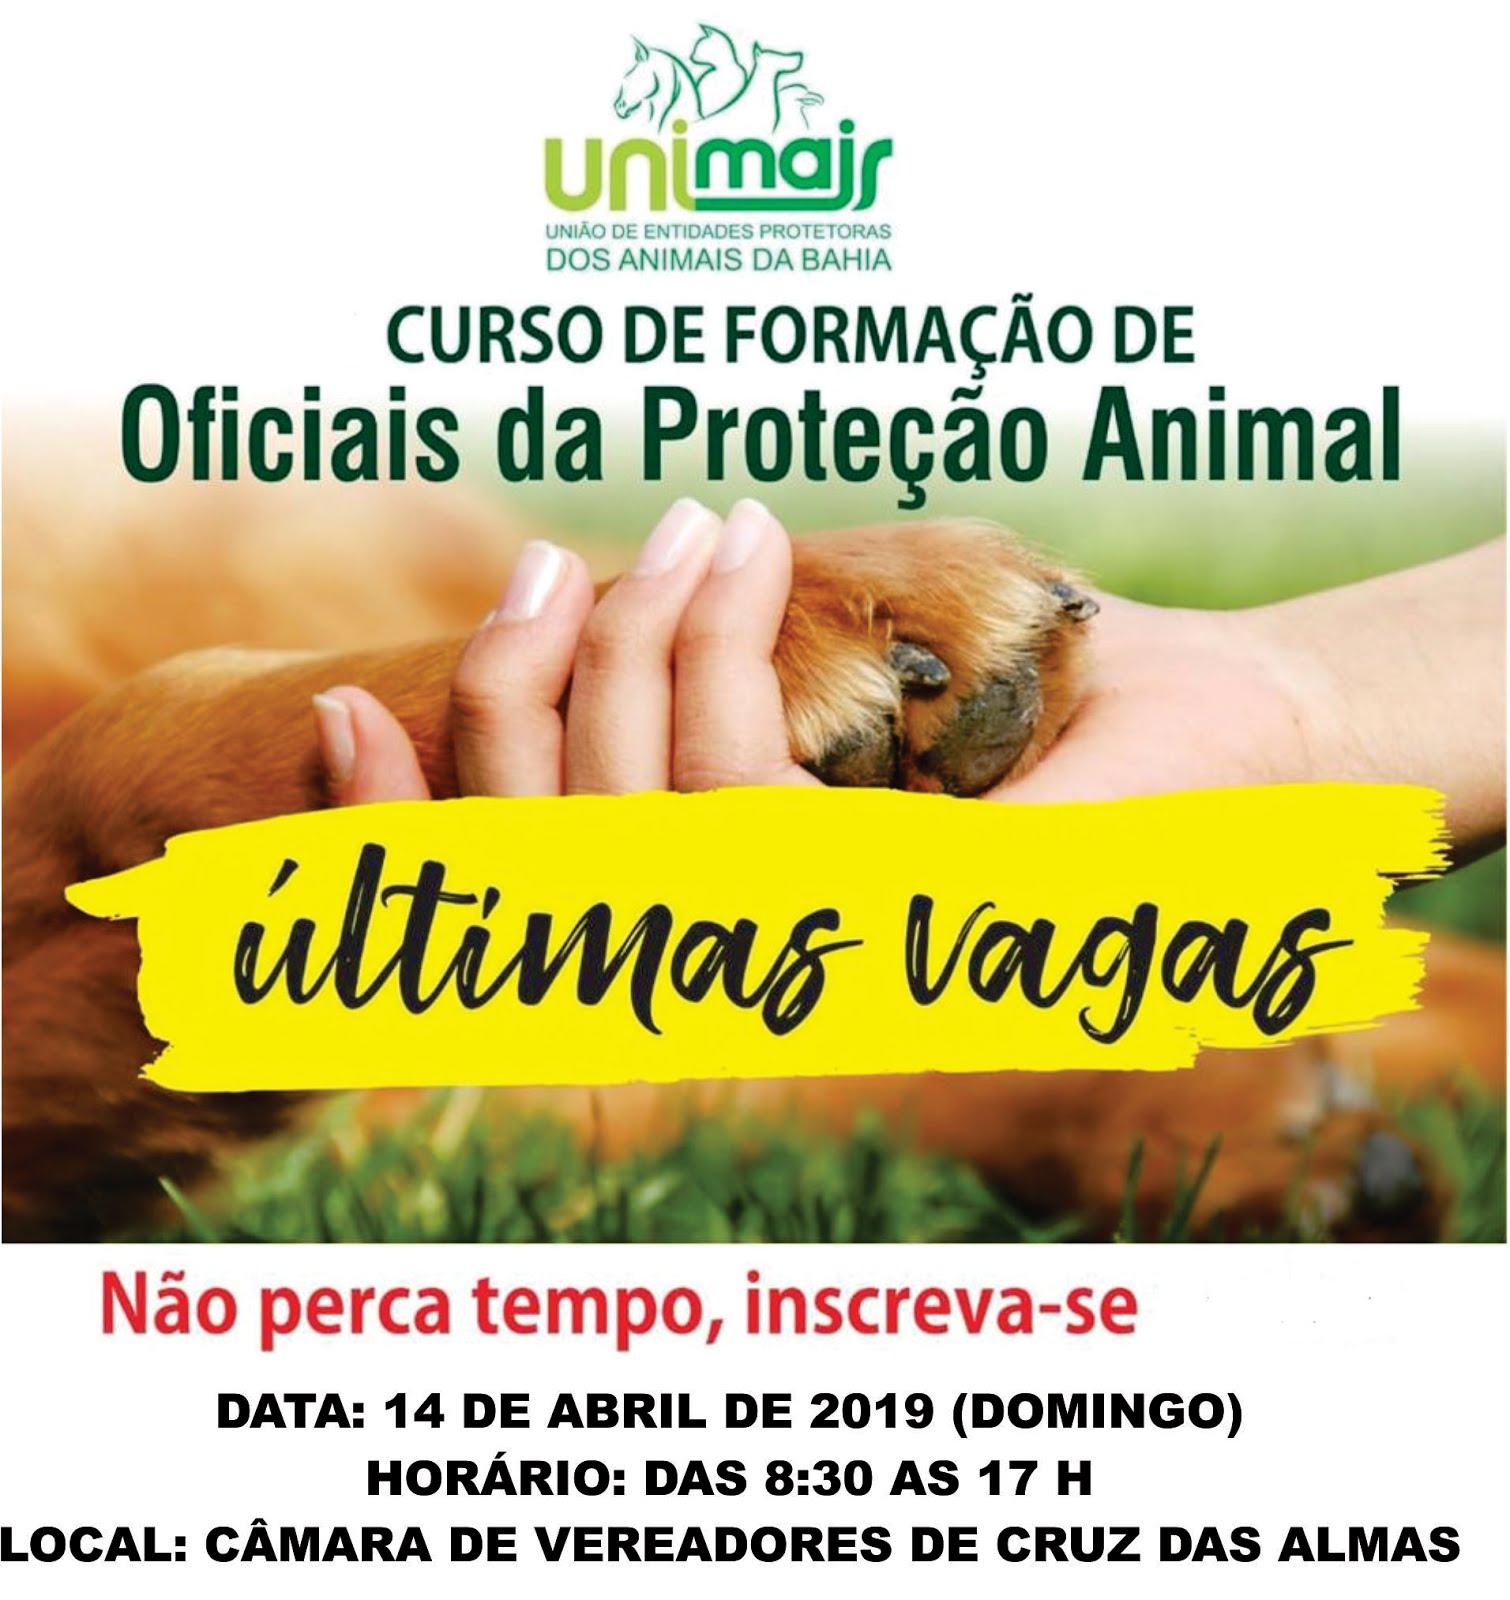 Curso de Formação de Oficiais da Proteção Animal